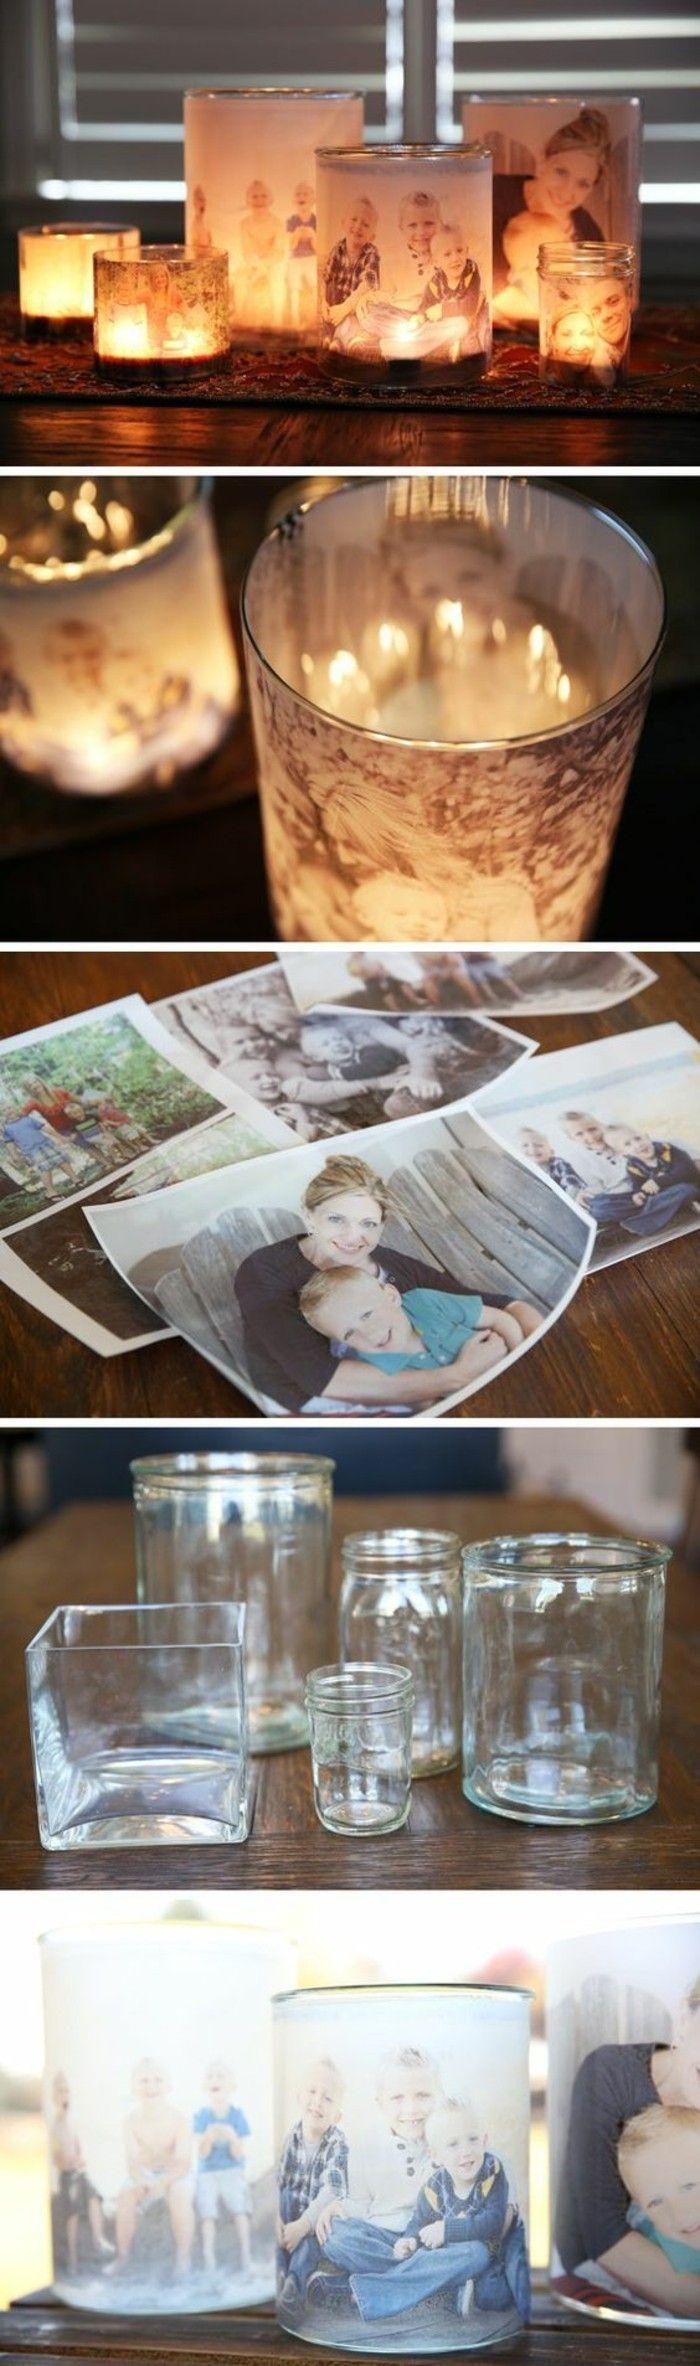 kreative geschenkideen geschenkidee mutter glaser fotos selber machen